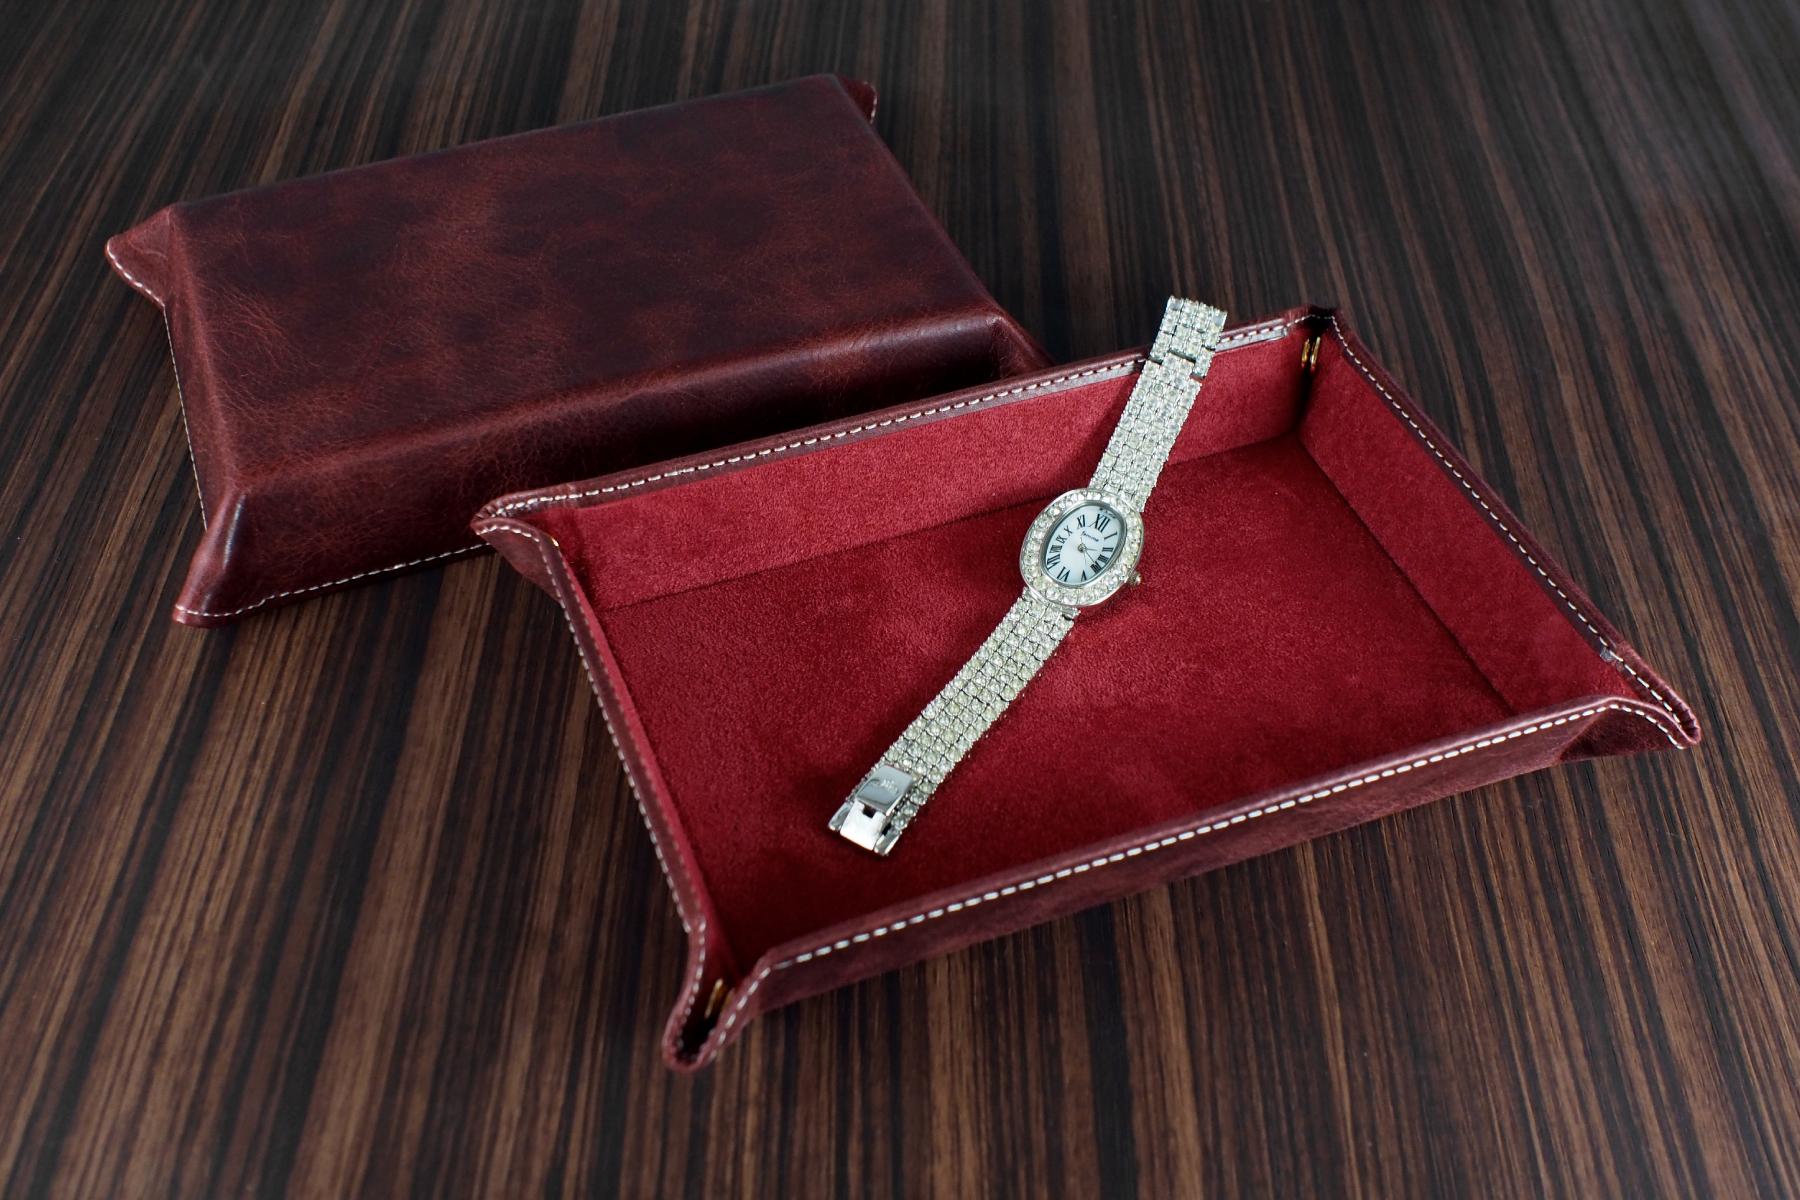 本革ウォッチトレー・古城オールドワインに時計を置いた写真